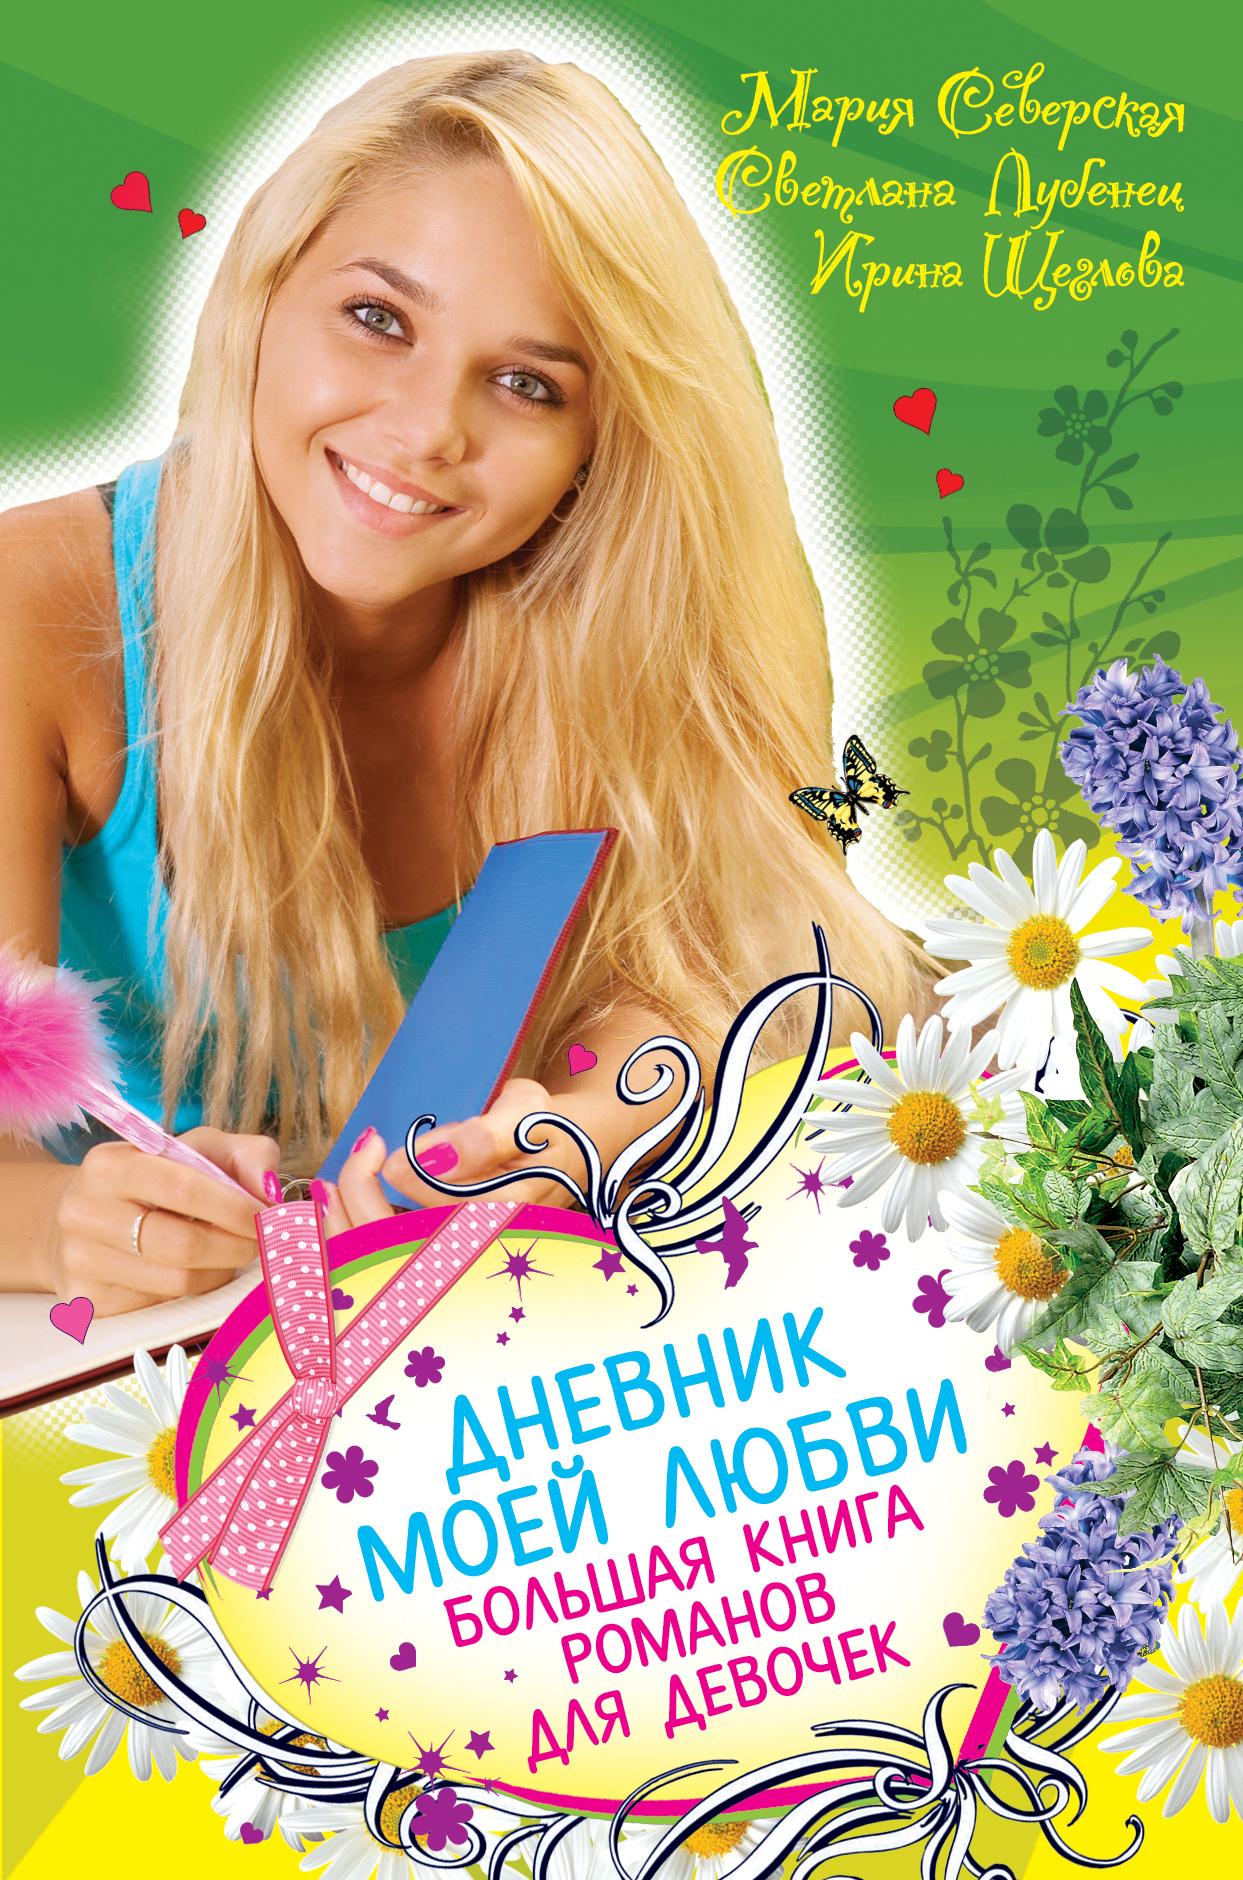 Дневник моей любви. Большая книга романов для девочек